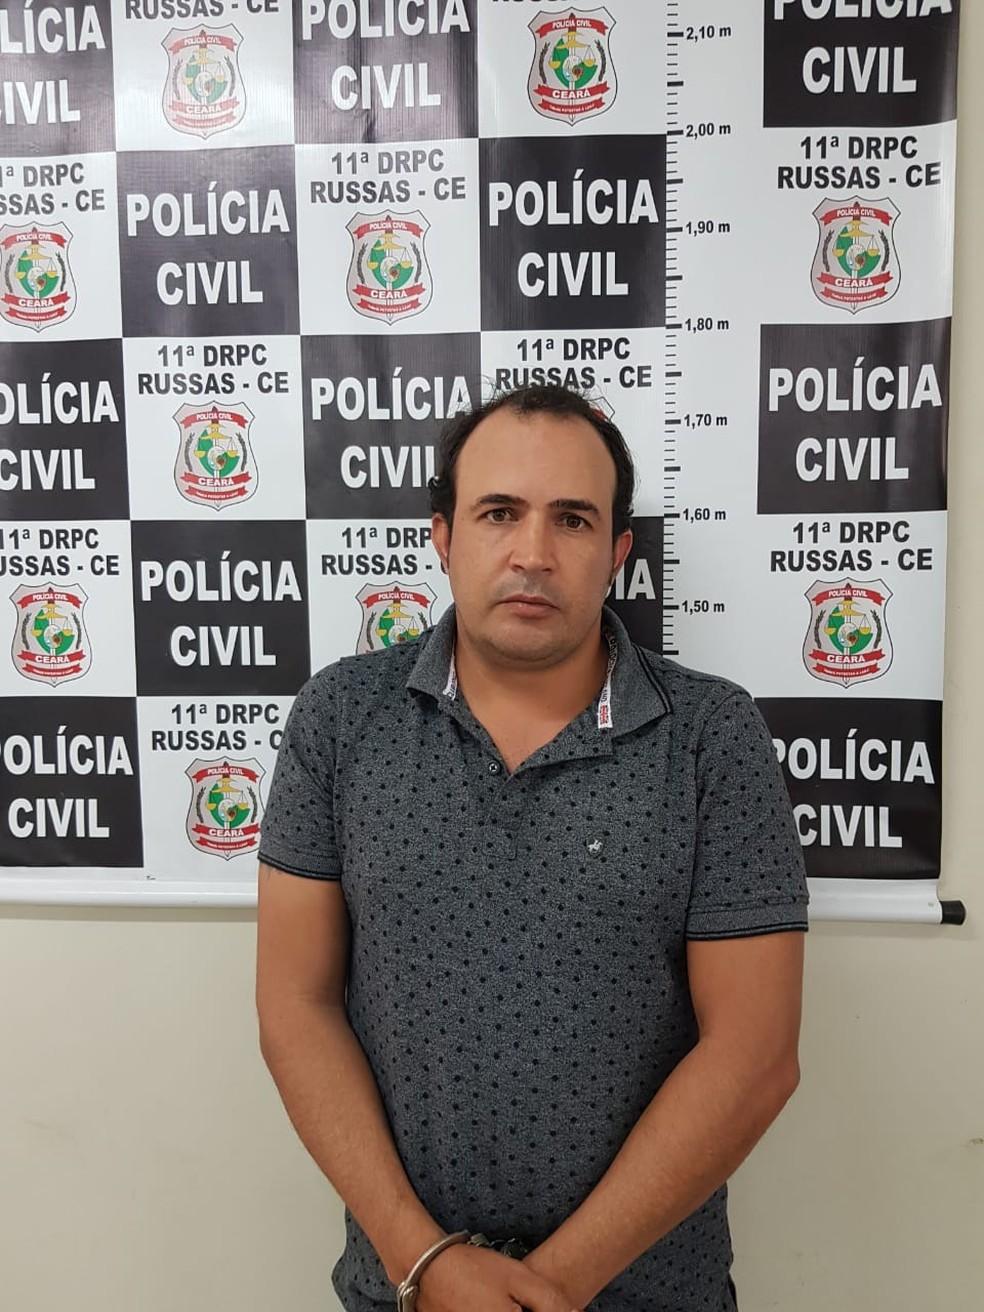 Edmar Batista é procurado por estelionato pelas polícias dos estados de Sergipe, Mato Grosso do Sul e Tocantins. — Foto: Polícia Civil/ Divulgação